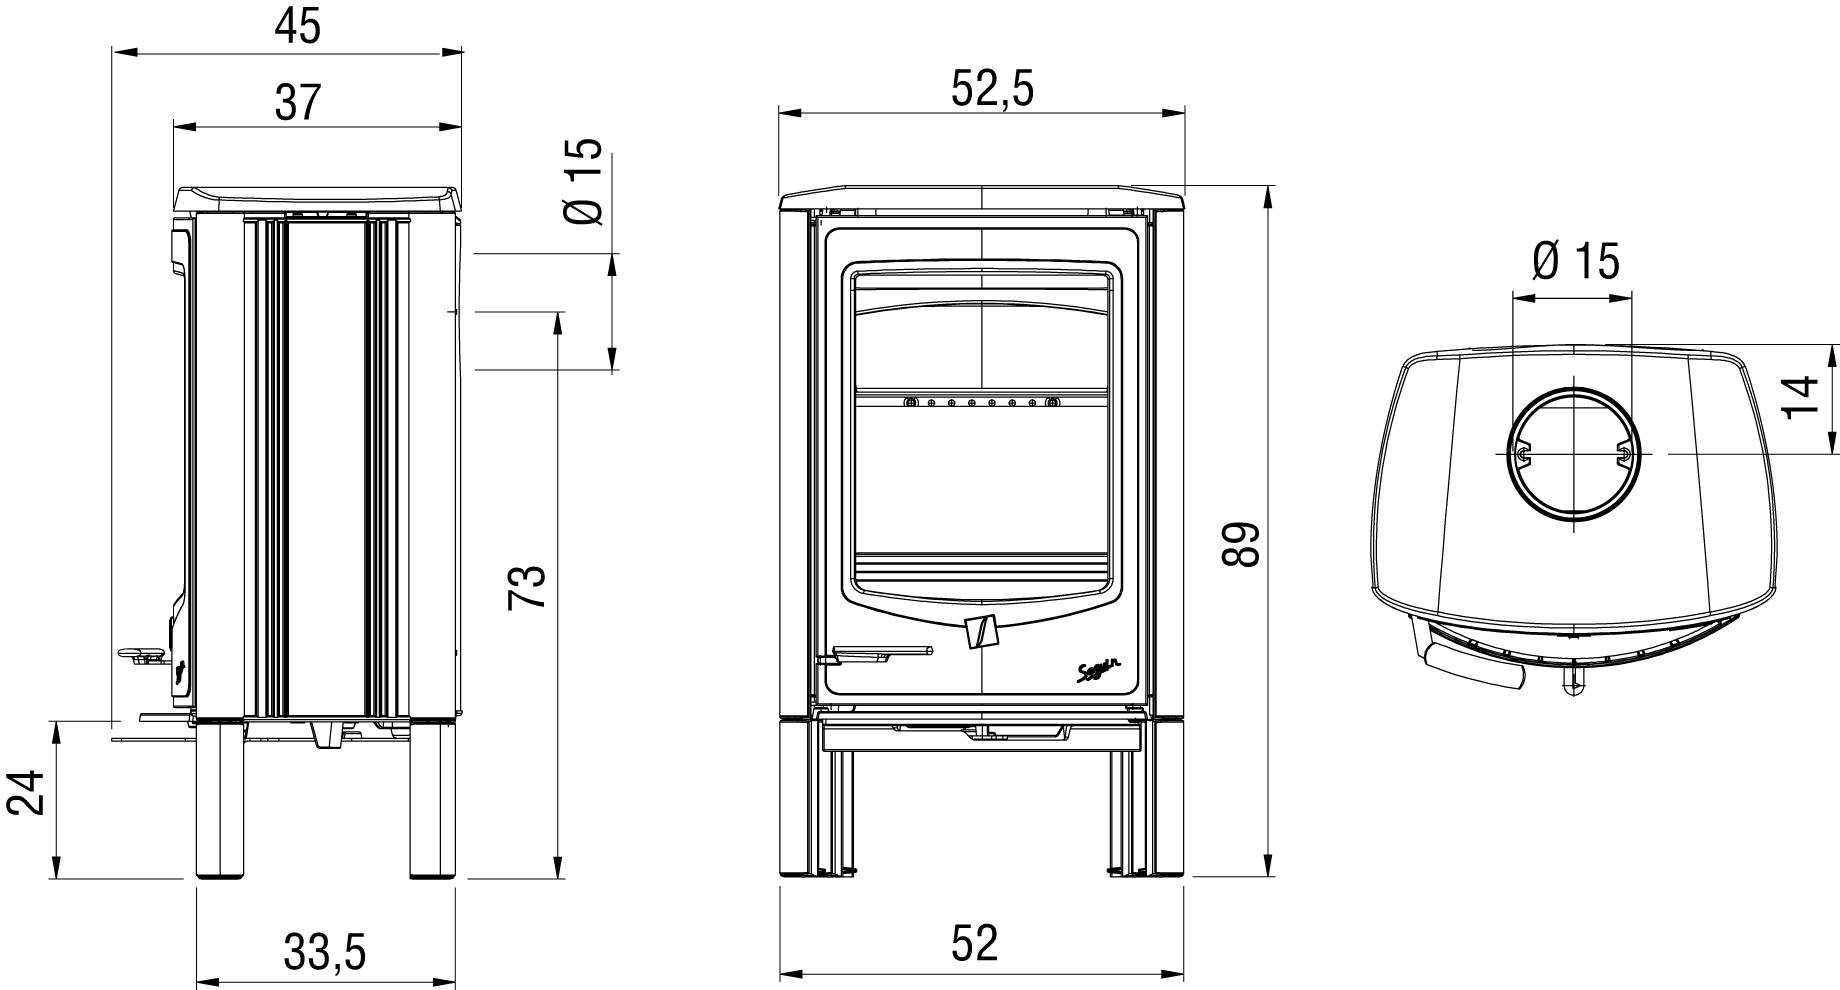 PJ C jade 4 pieds schema hd - Poêle SAPHIR